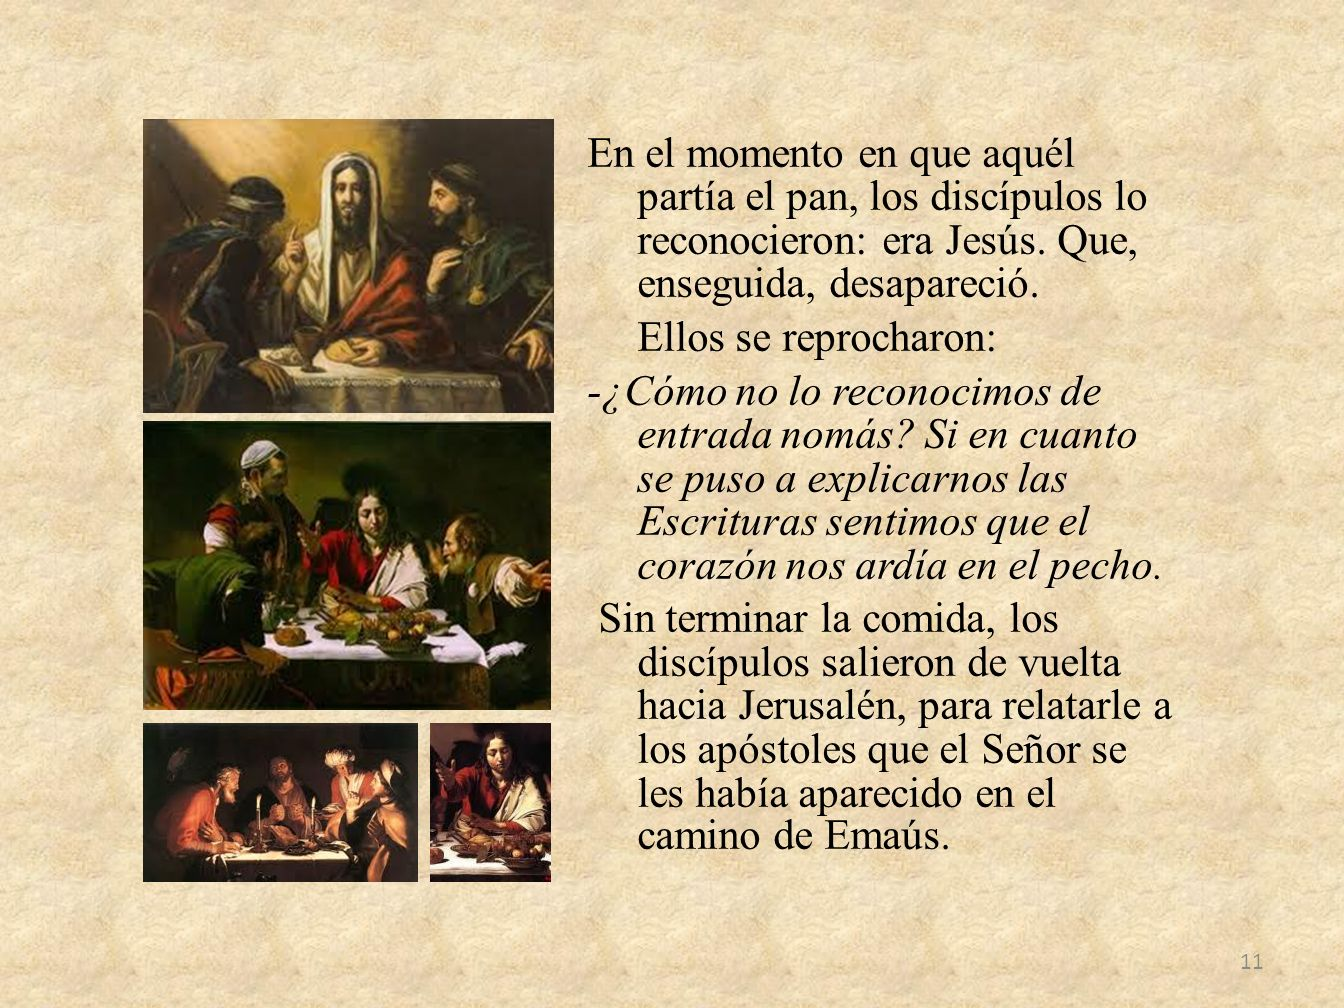 En el momento en que aquél partía el pan, los discípulos lo reconocieron: era Jesús.